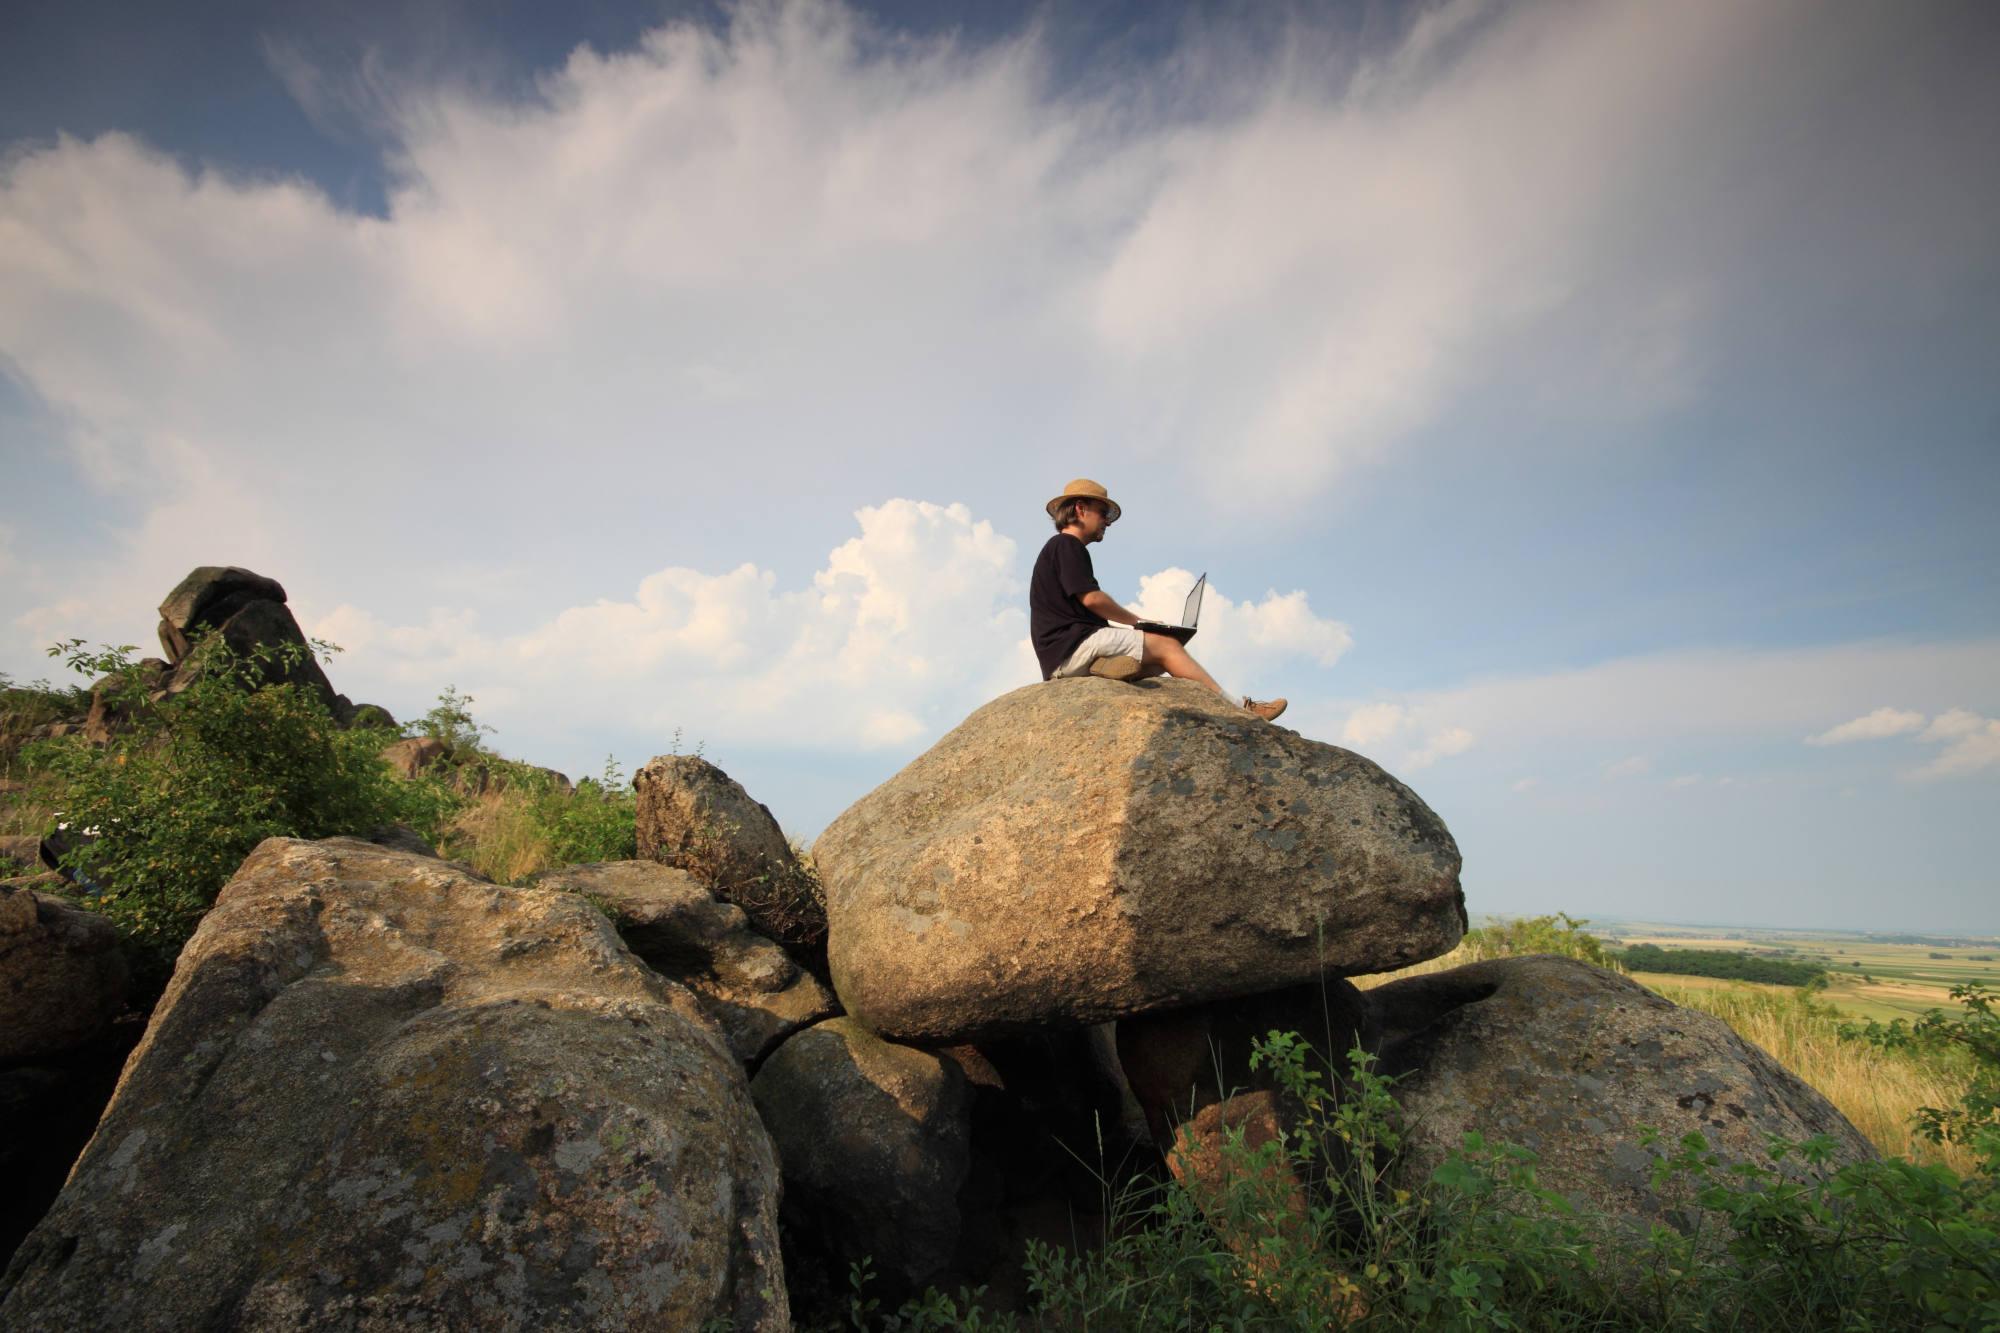 Mann sitzt mit Laptop in der Natur auf Steinen und über ihm der bewölkte Himmel